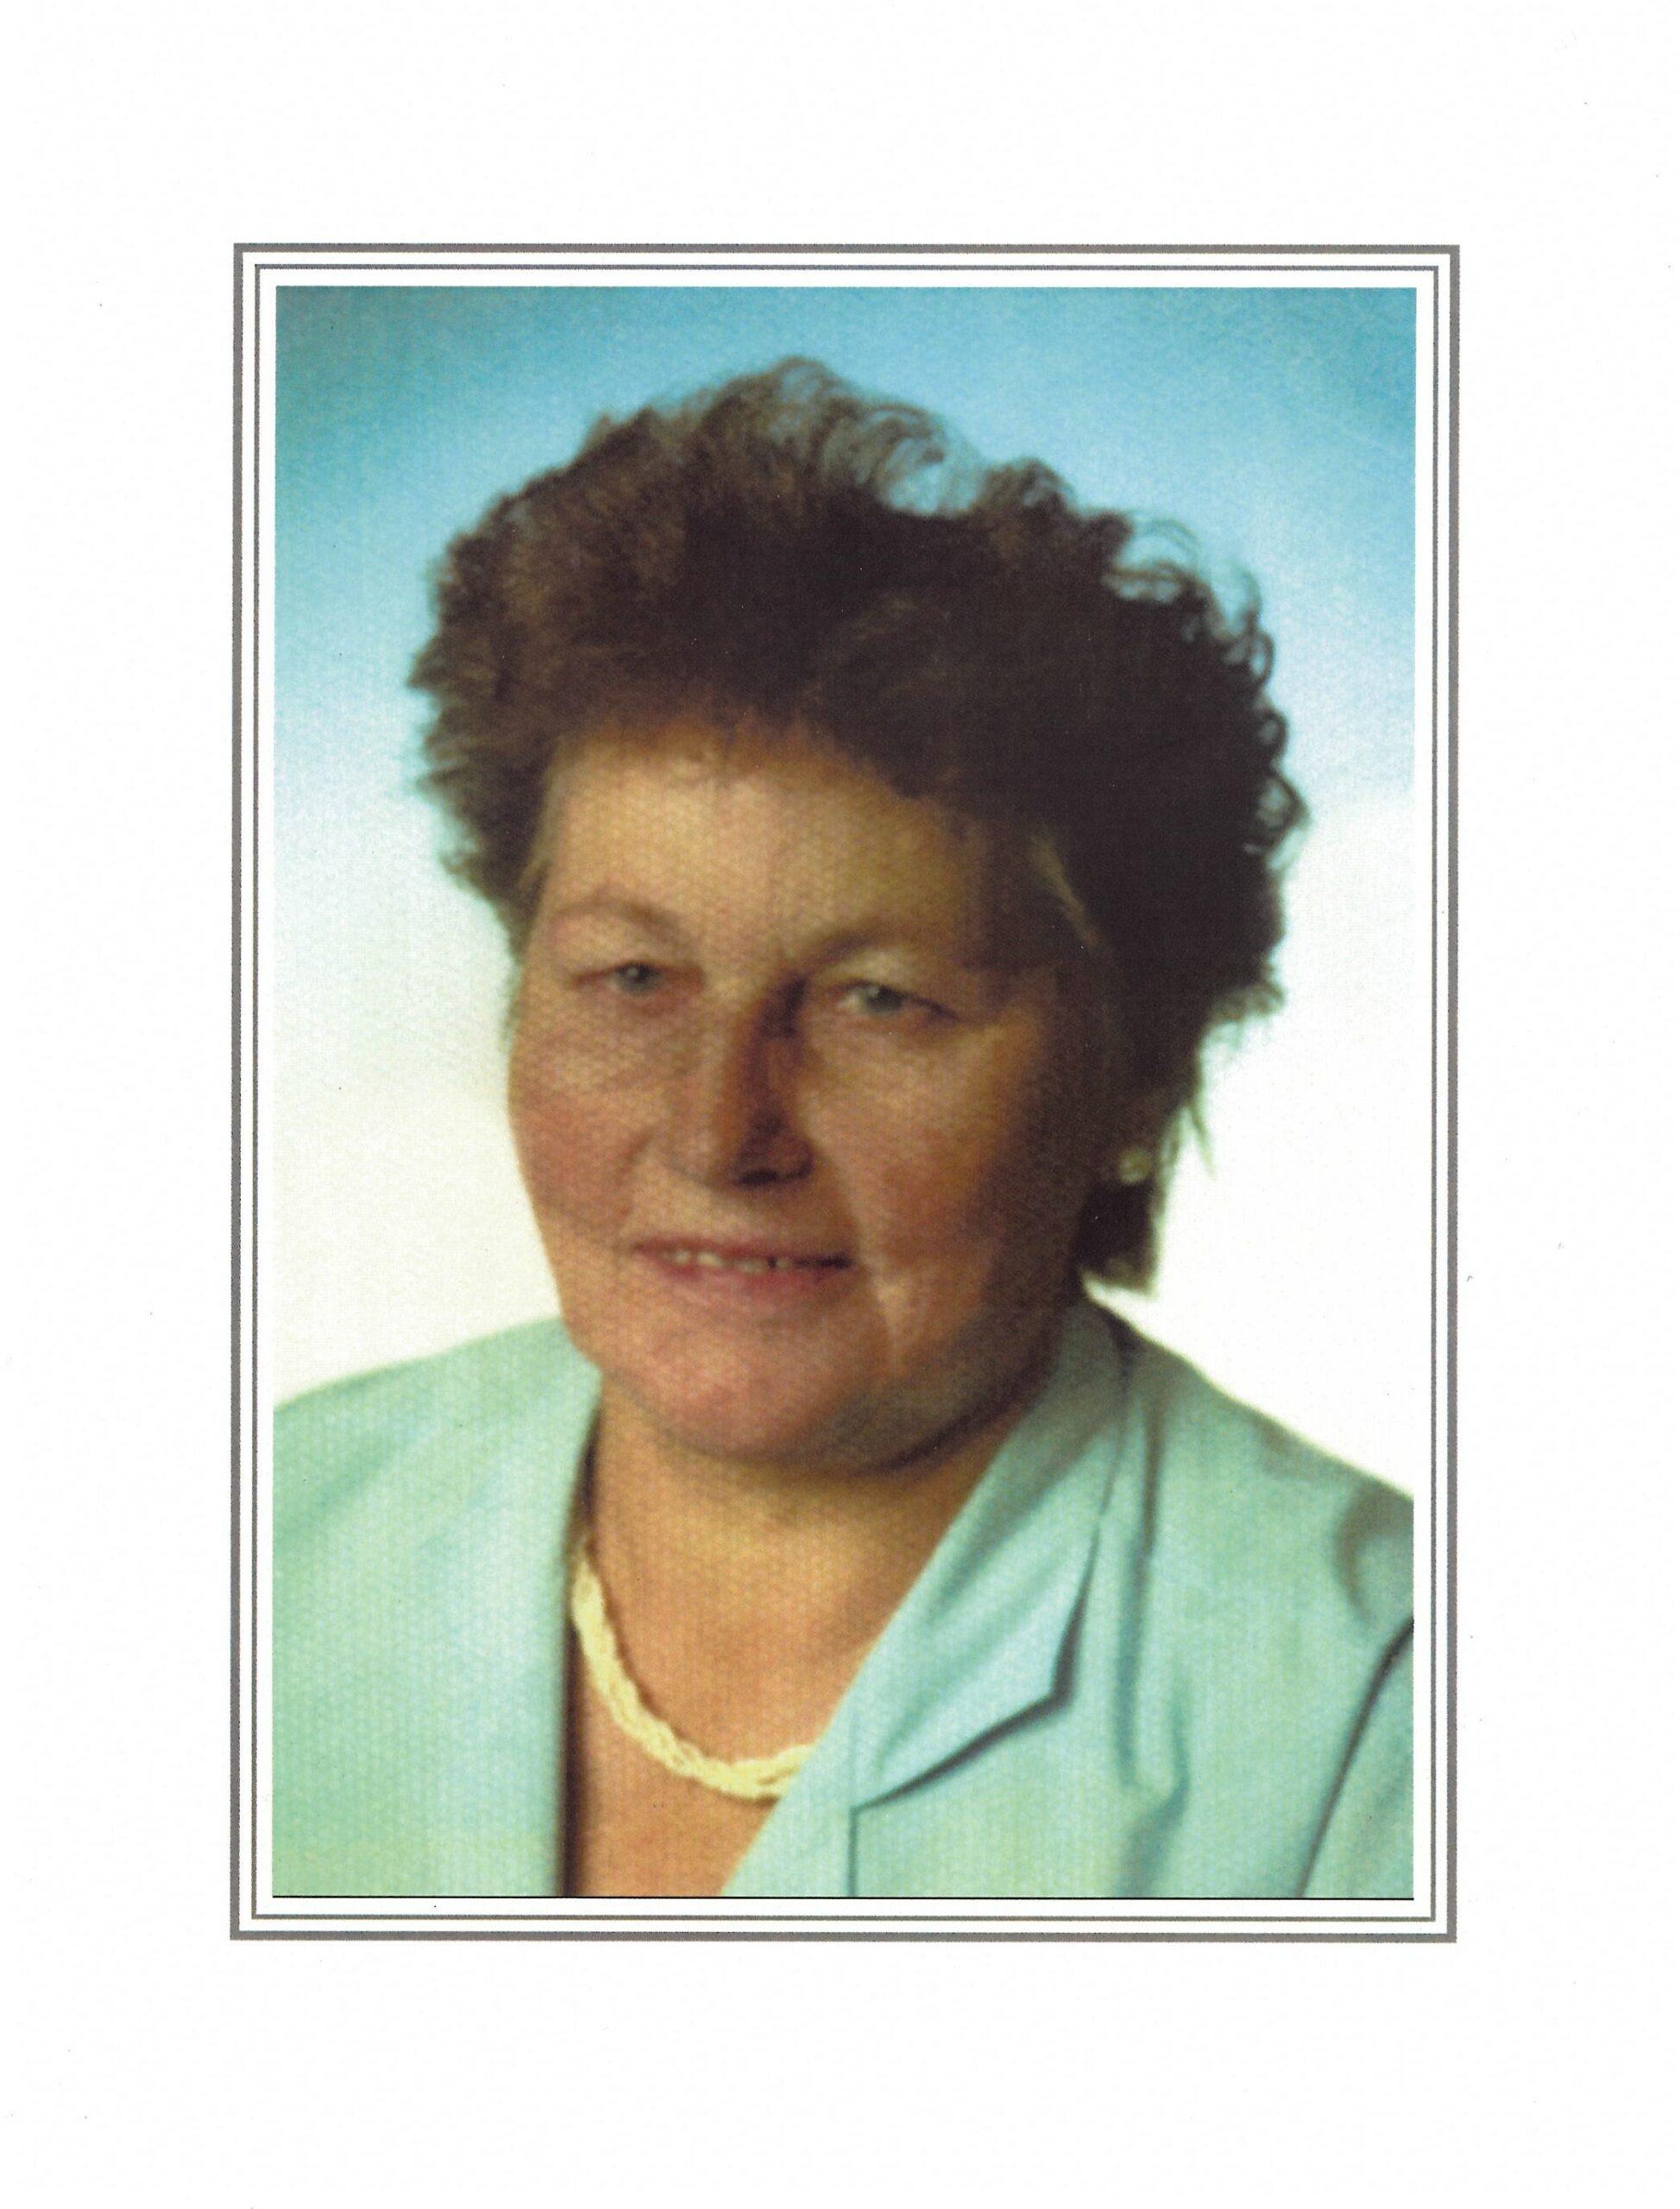 Augusta Klaffenböck